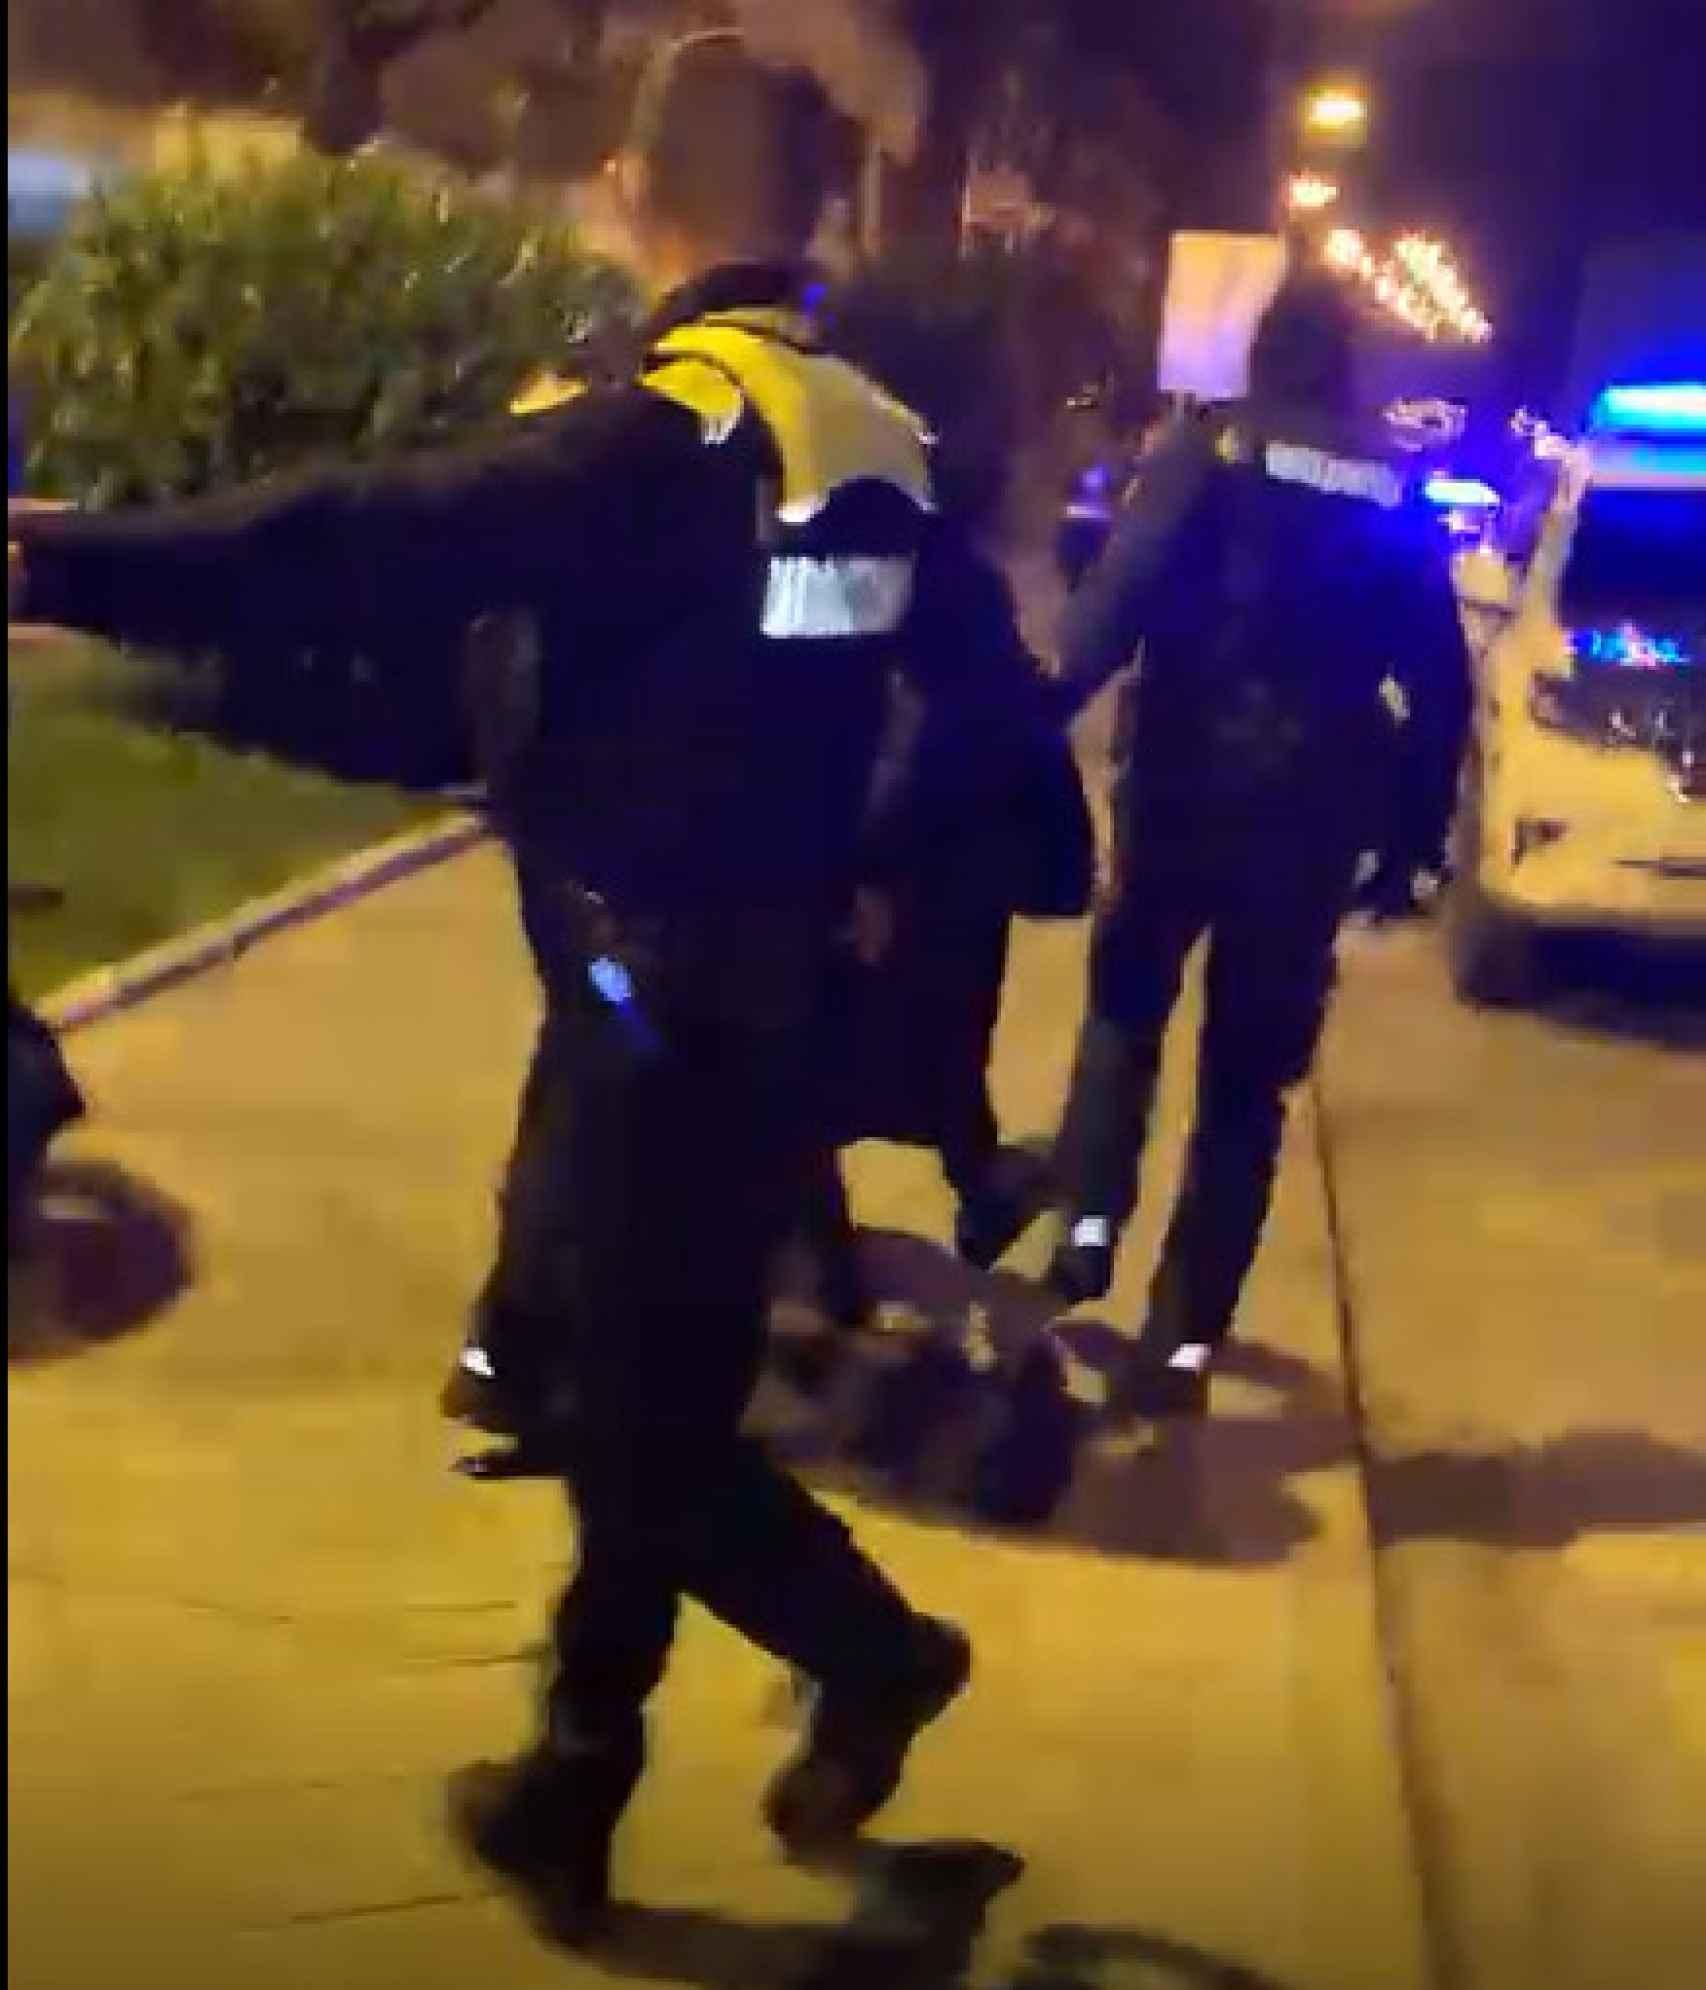 Un policía local de Munguía trata de retener a los jóvenes iracundos mientras sus compañeros conducen a un detenido a un coche patrulla.